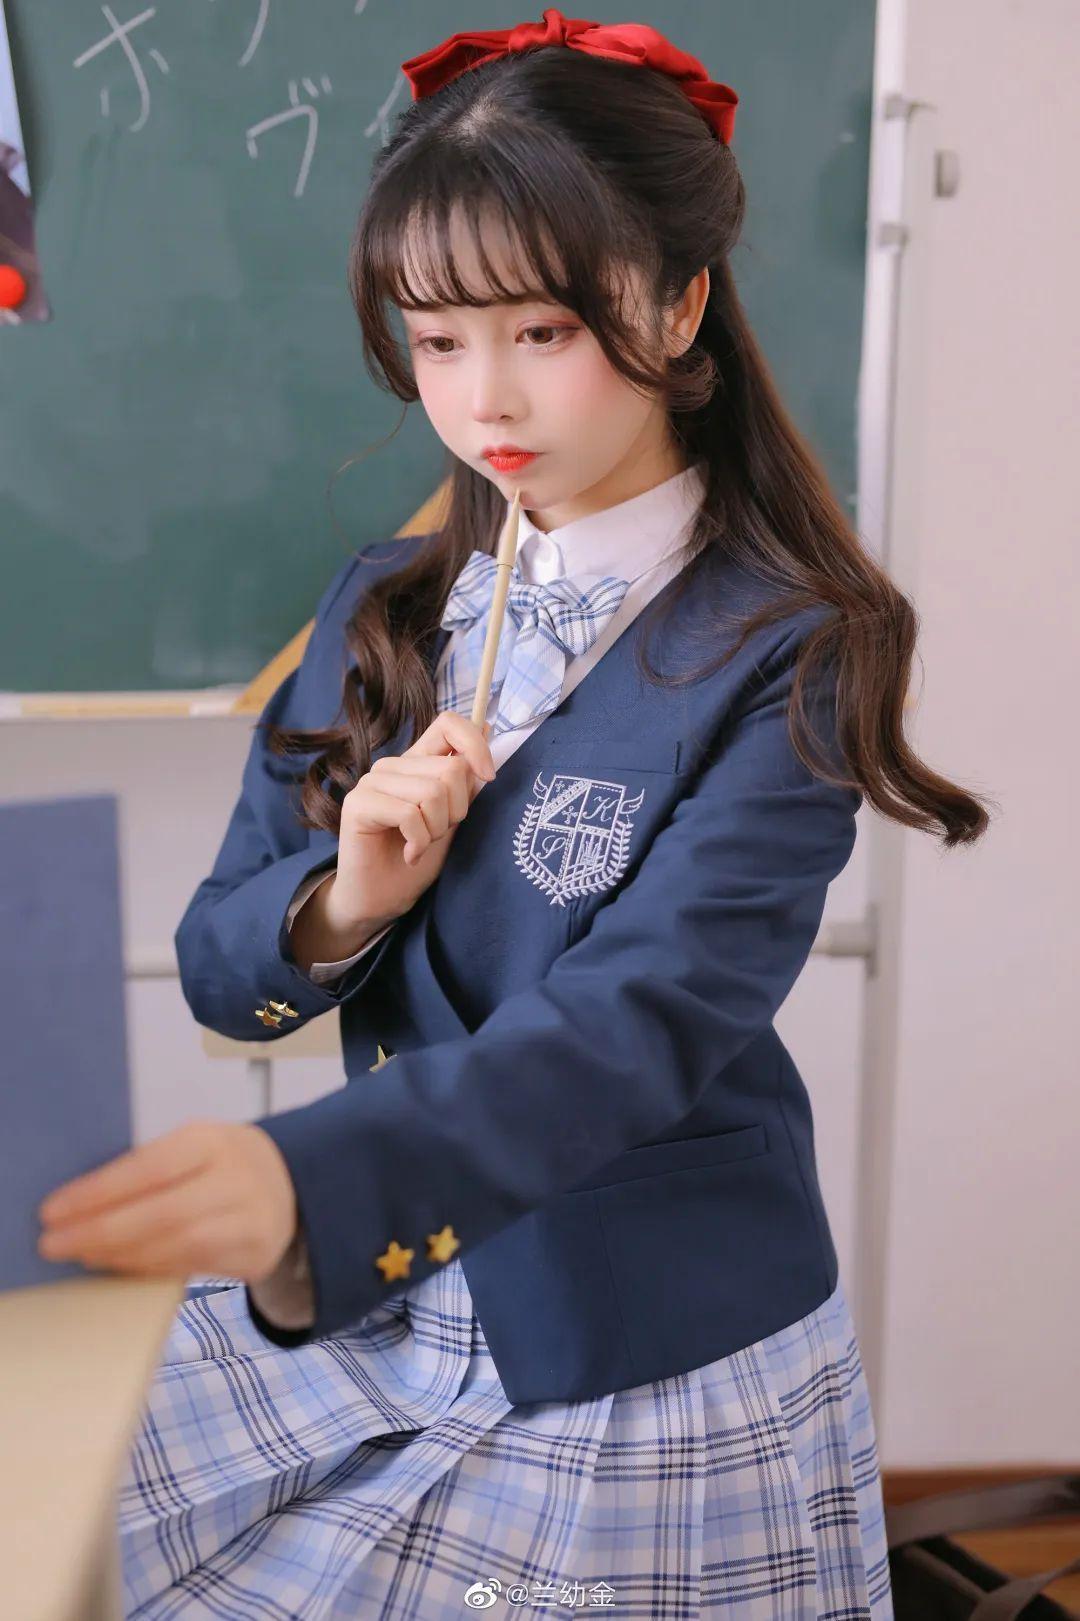 JK制服白丝袜 美少女兰幼金教室写真_图片 No.8